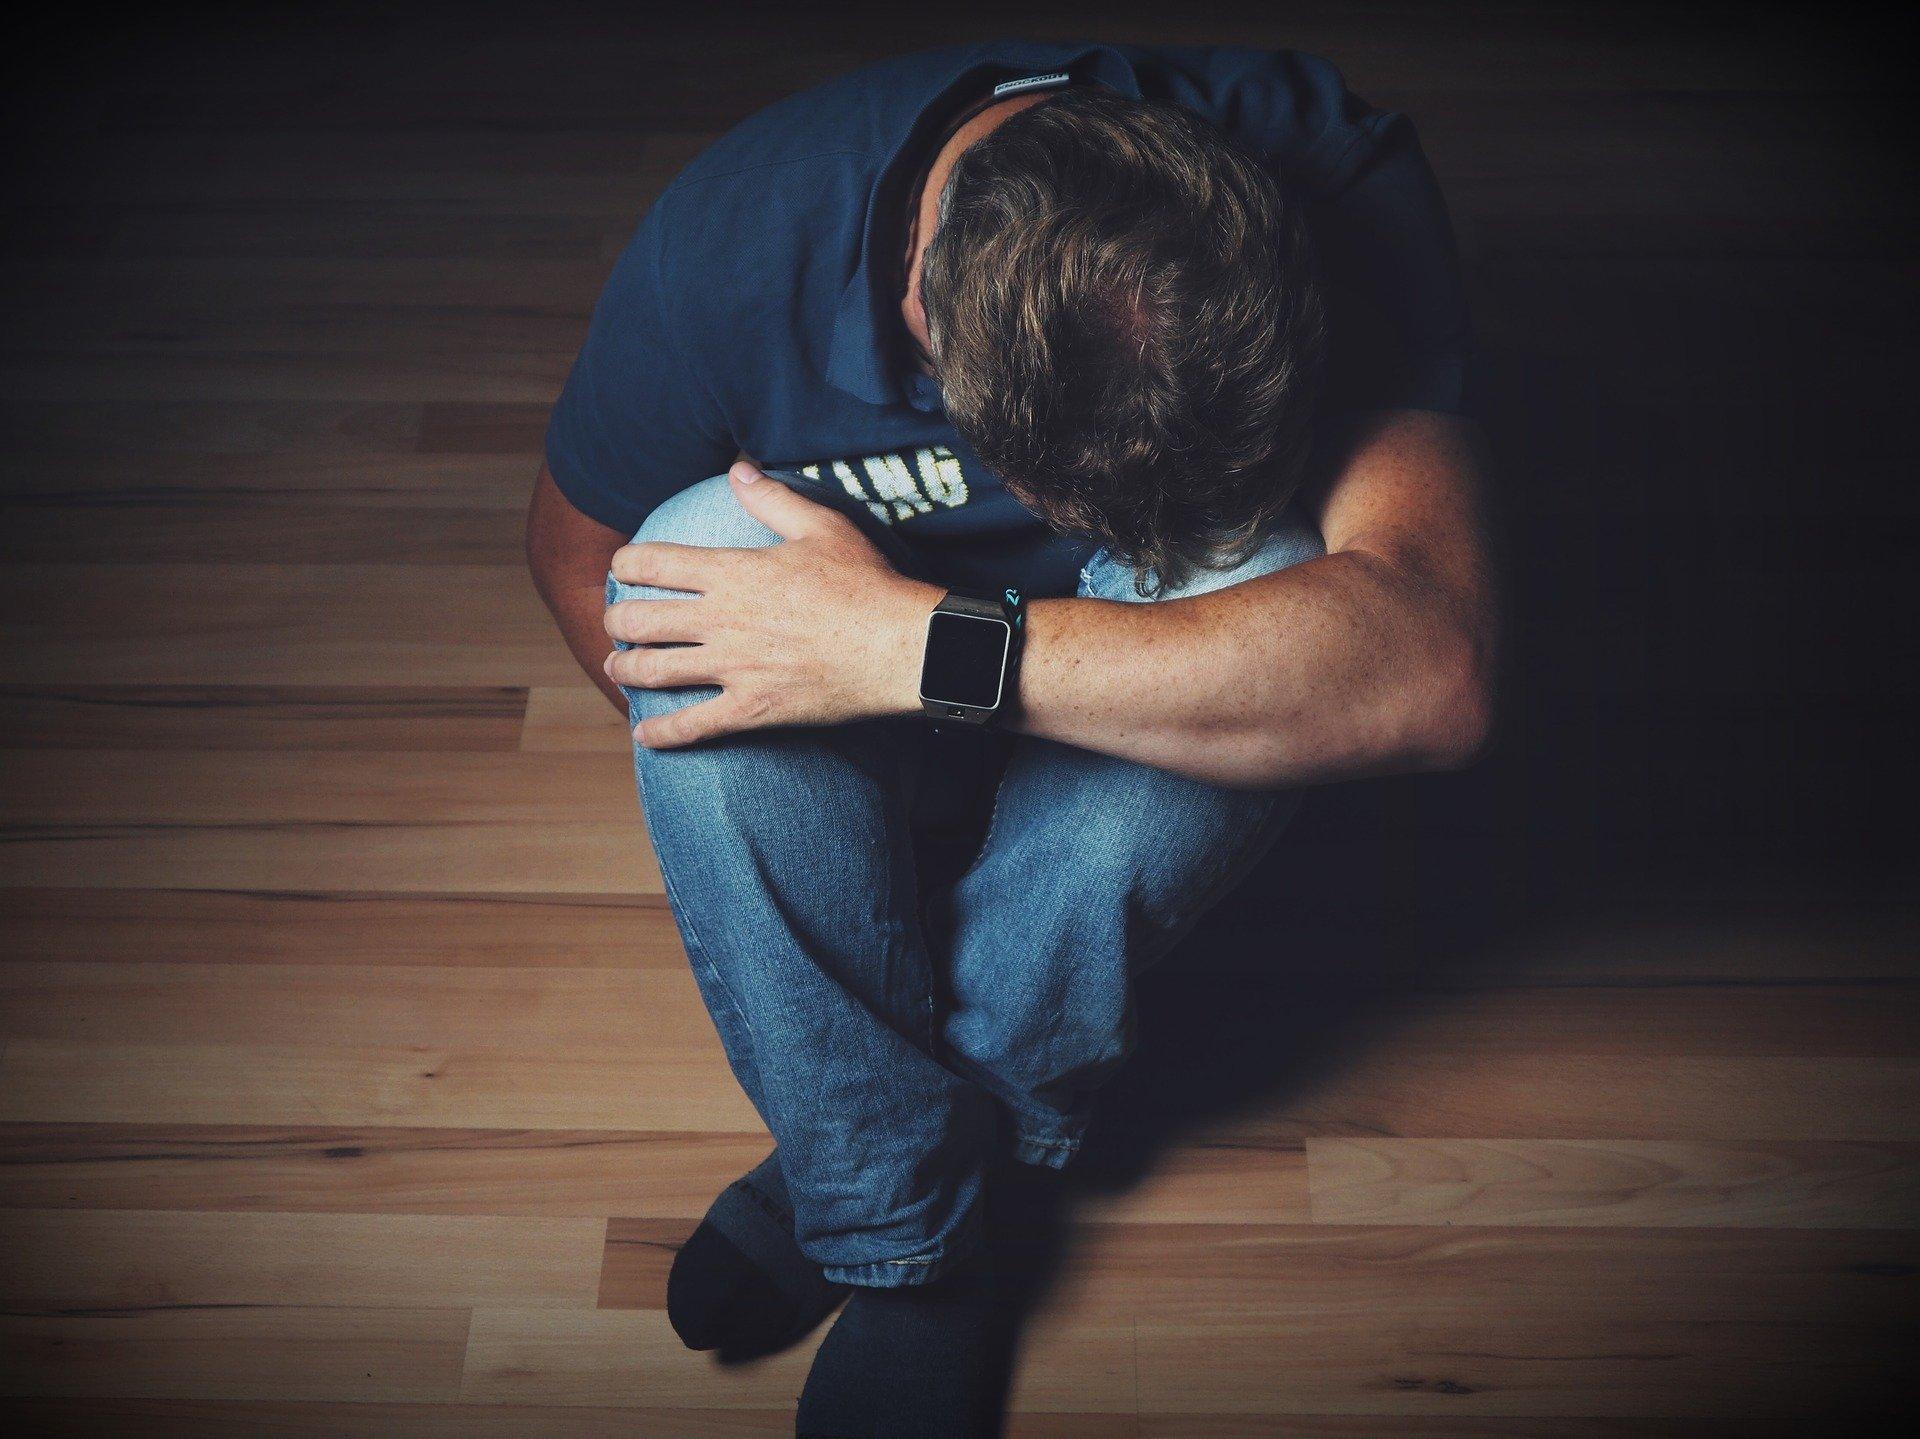 Depressão e risco de suicídio em jovens adultos e como ajudar